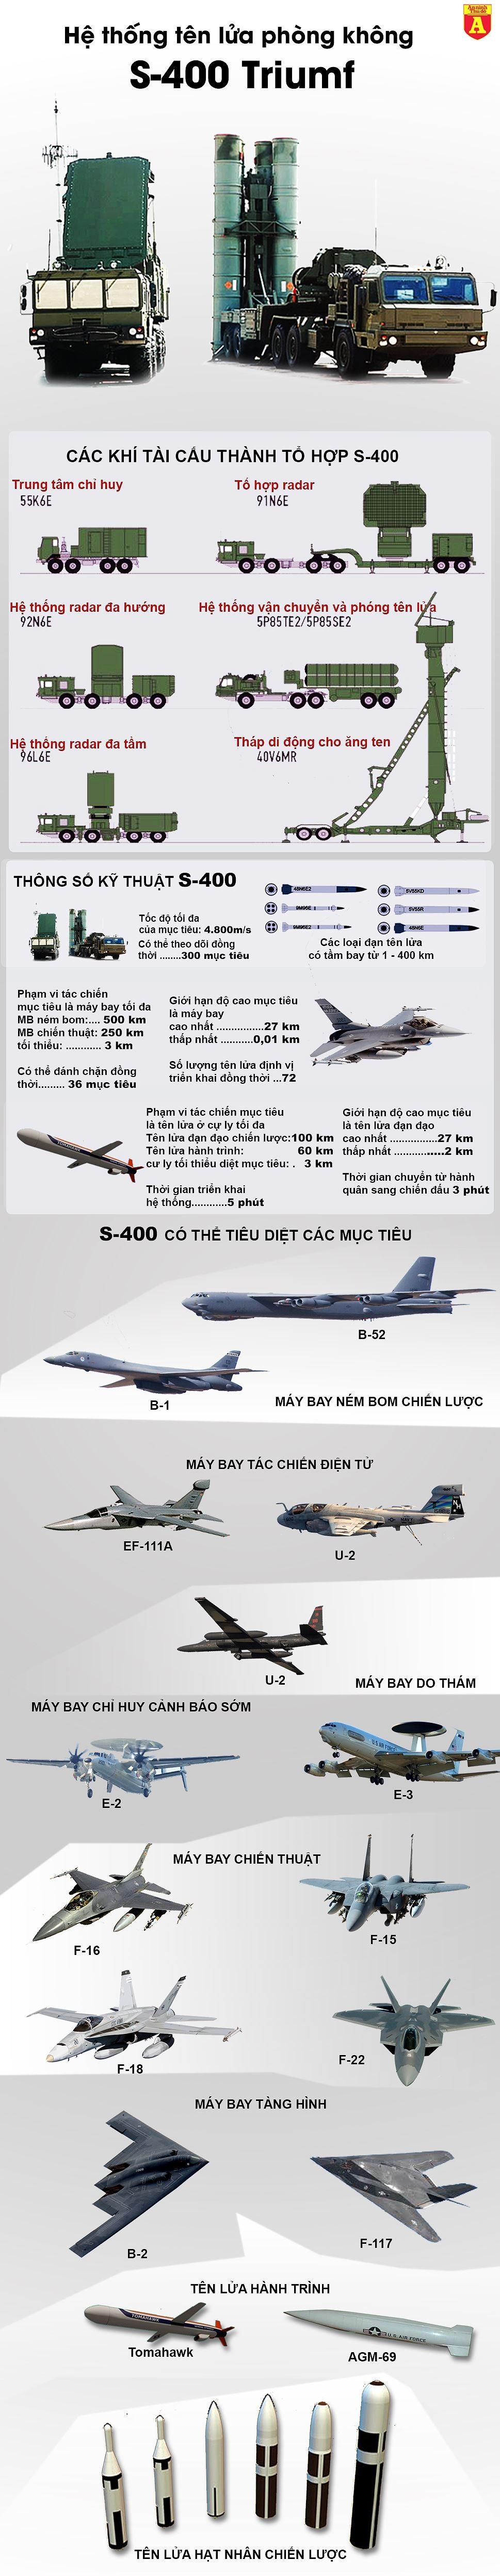 [ẢNH] Thương vụ S-400 giữa Nga với Ấn Độ nguy cơ đổ bể, Trung Quốc mừng ra mặt ảnh 2